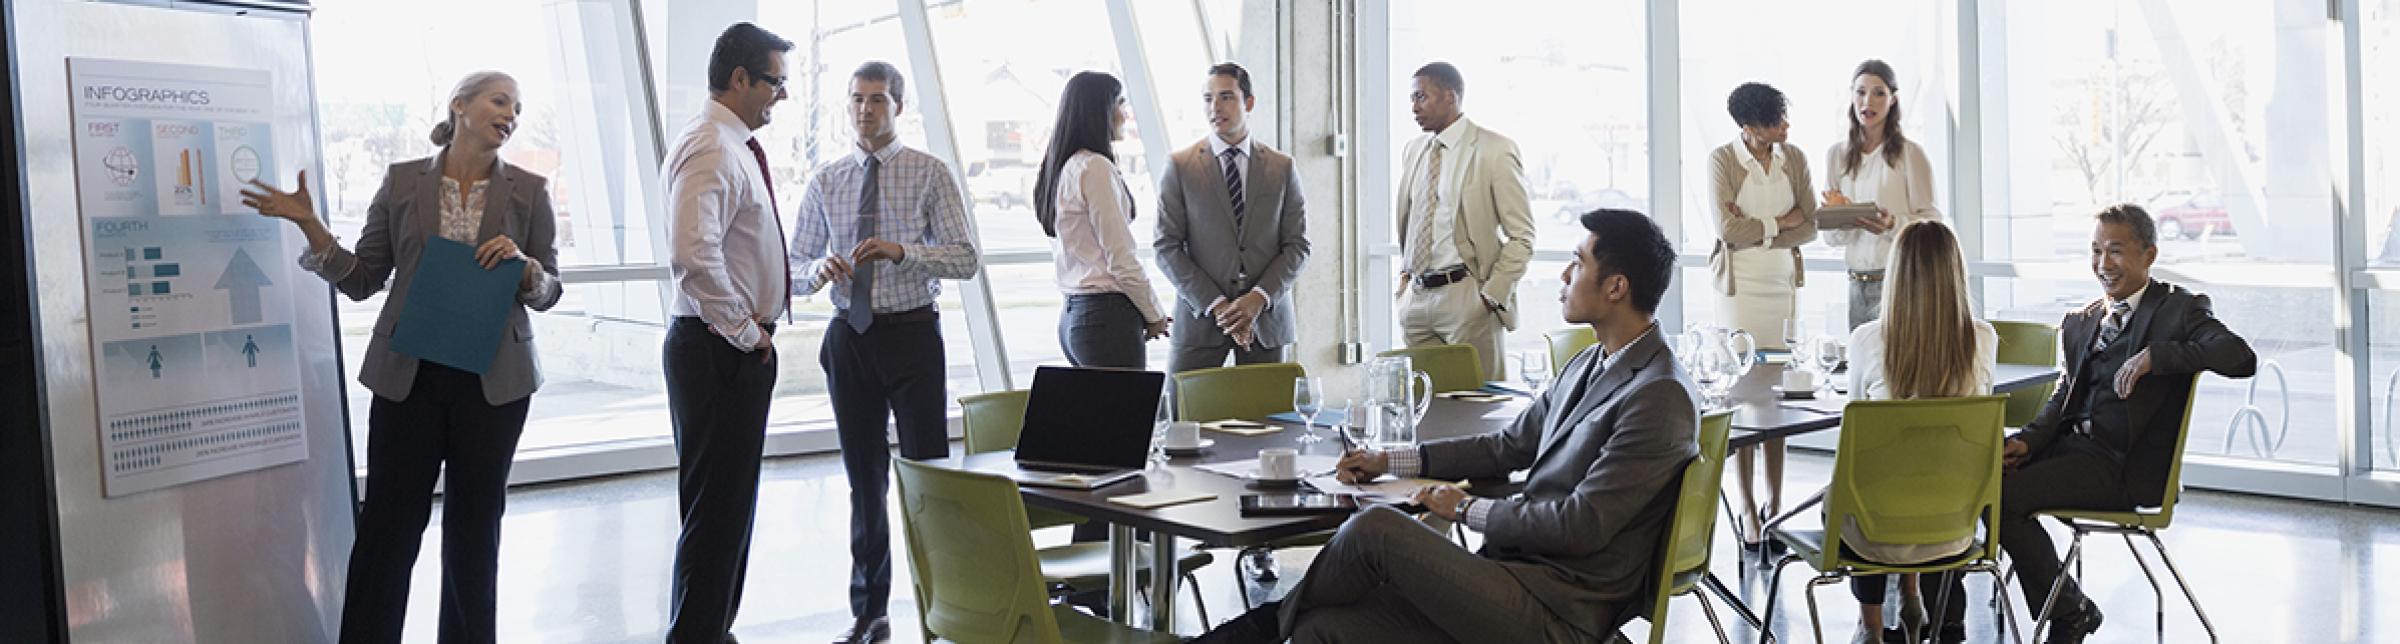 Colleghi in una sala riunioni. Alcuni in piedi, altri seduti, una di loro intenta a spiegare un grafico